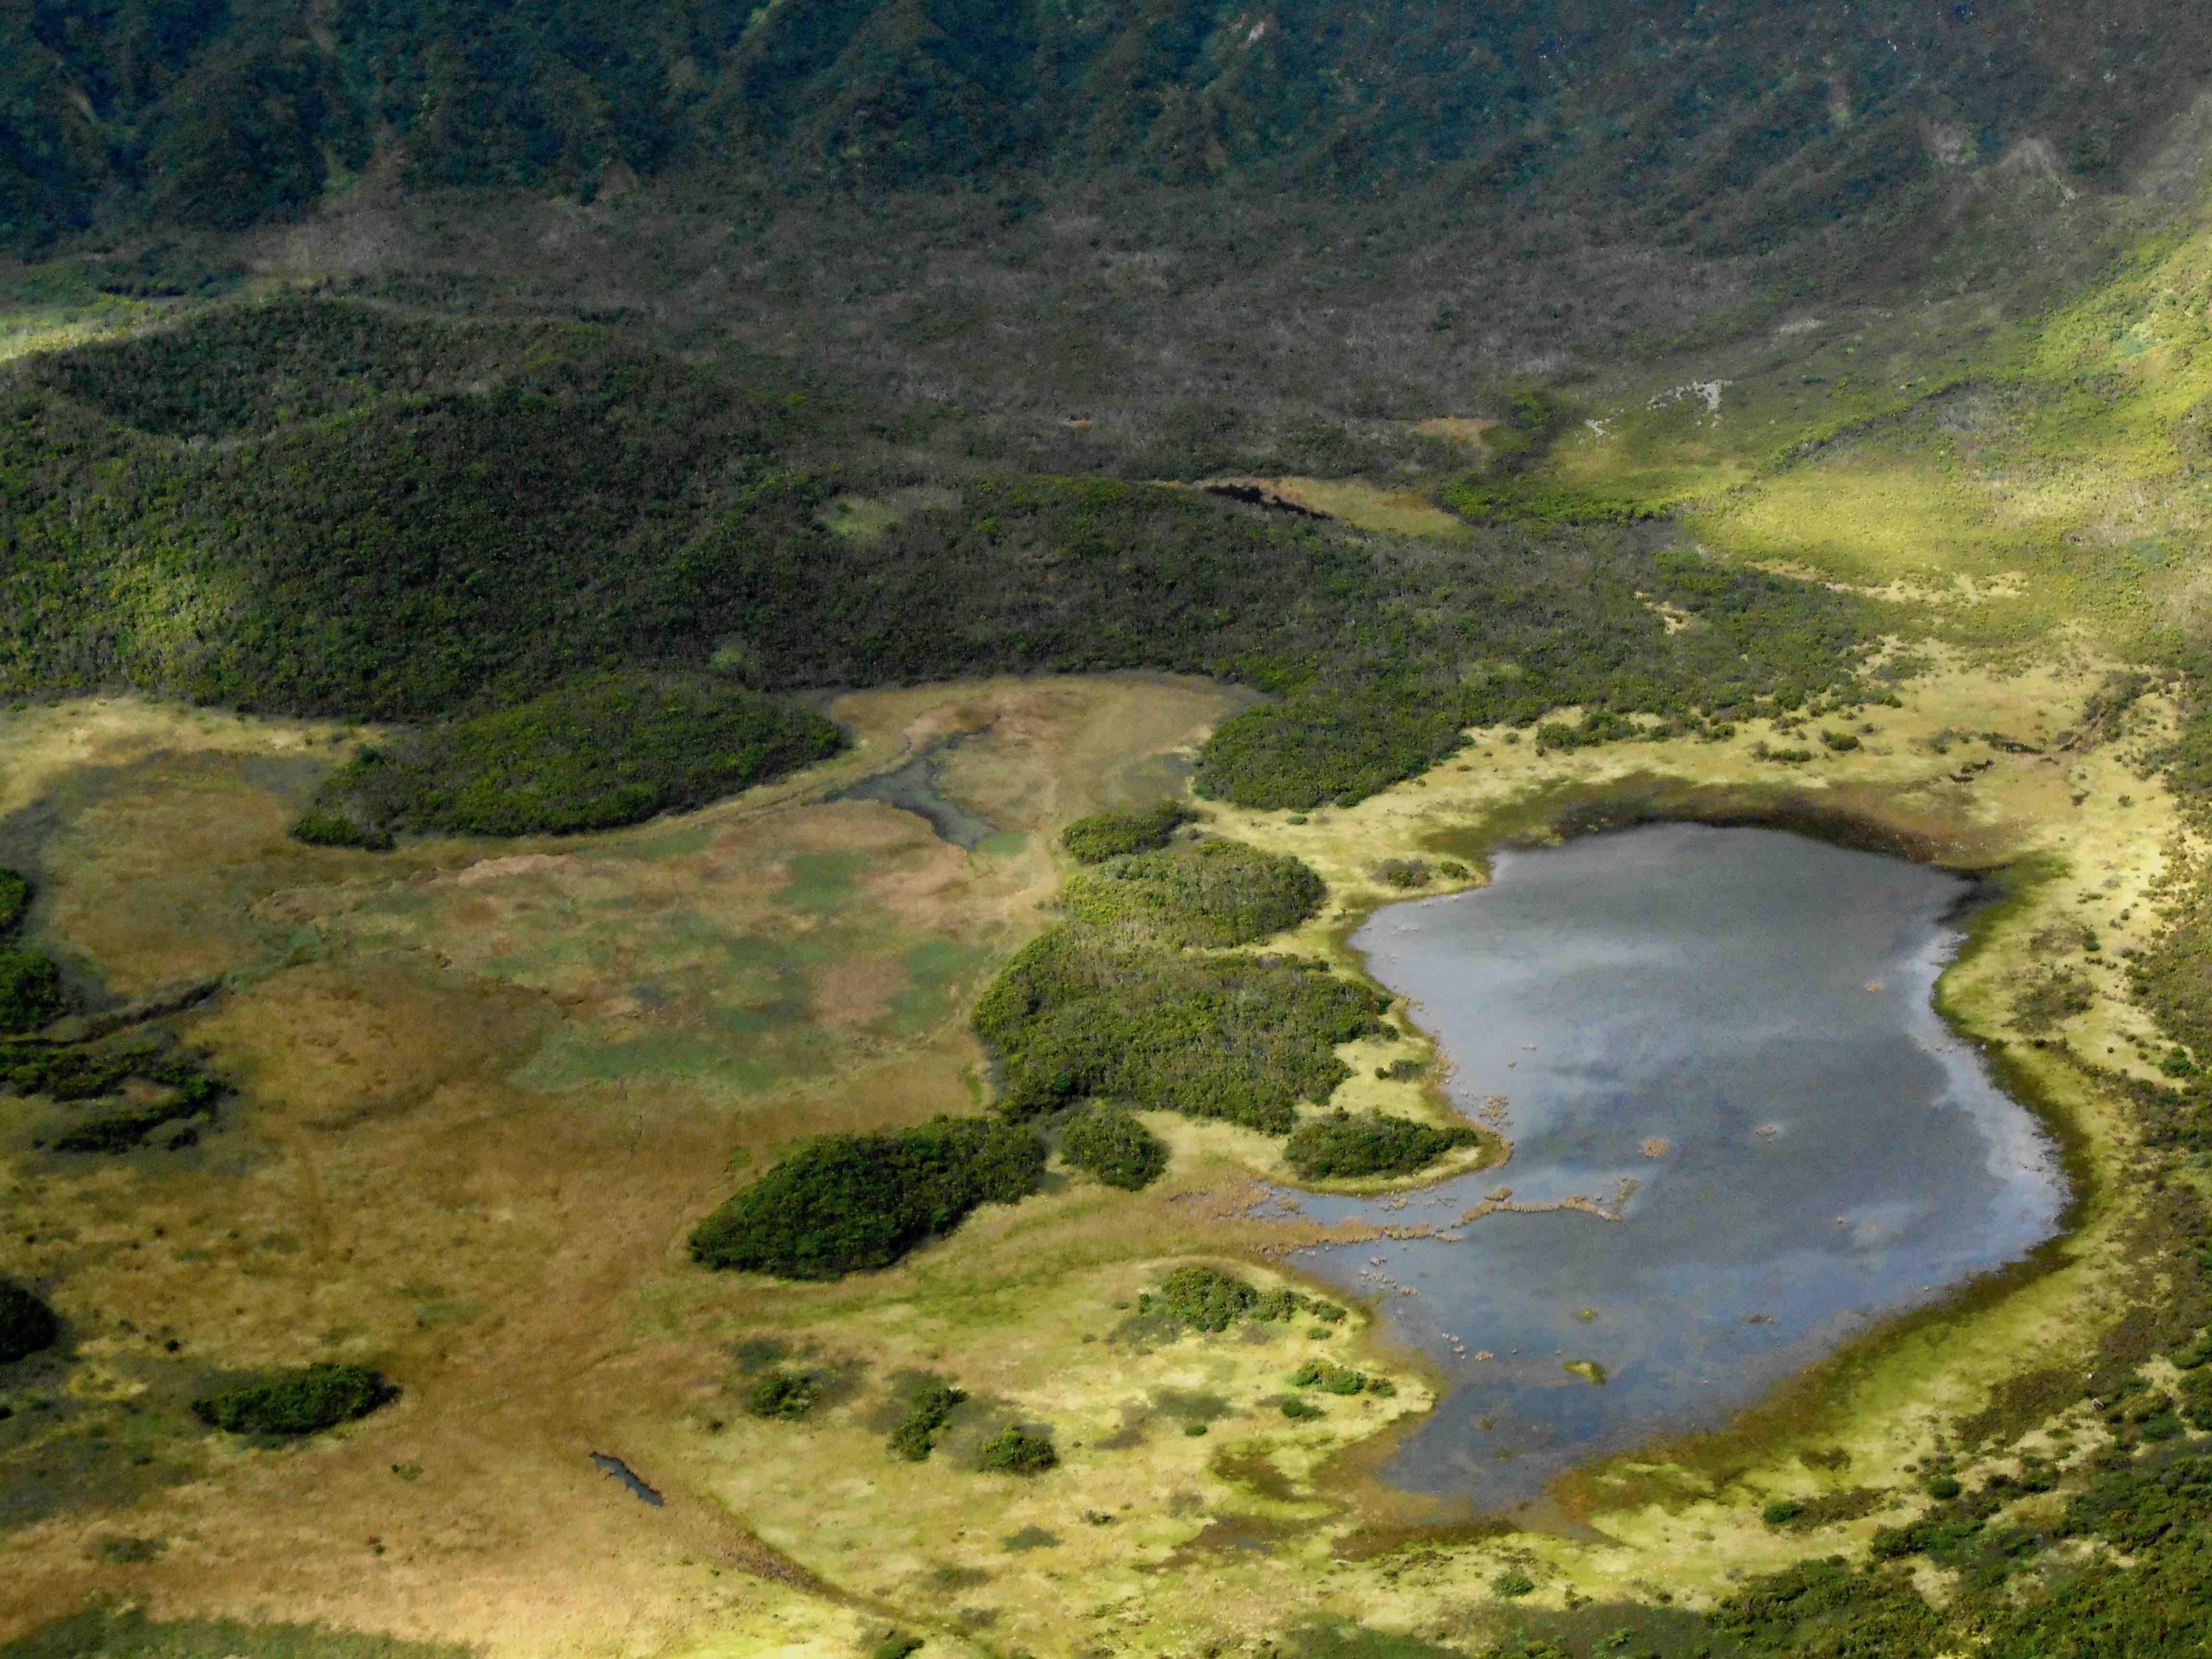 Lago nella caldera del vulcano a Faial